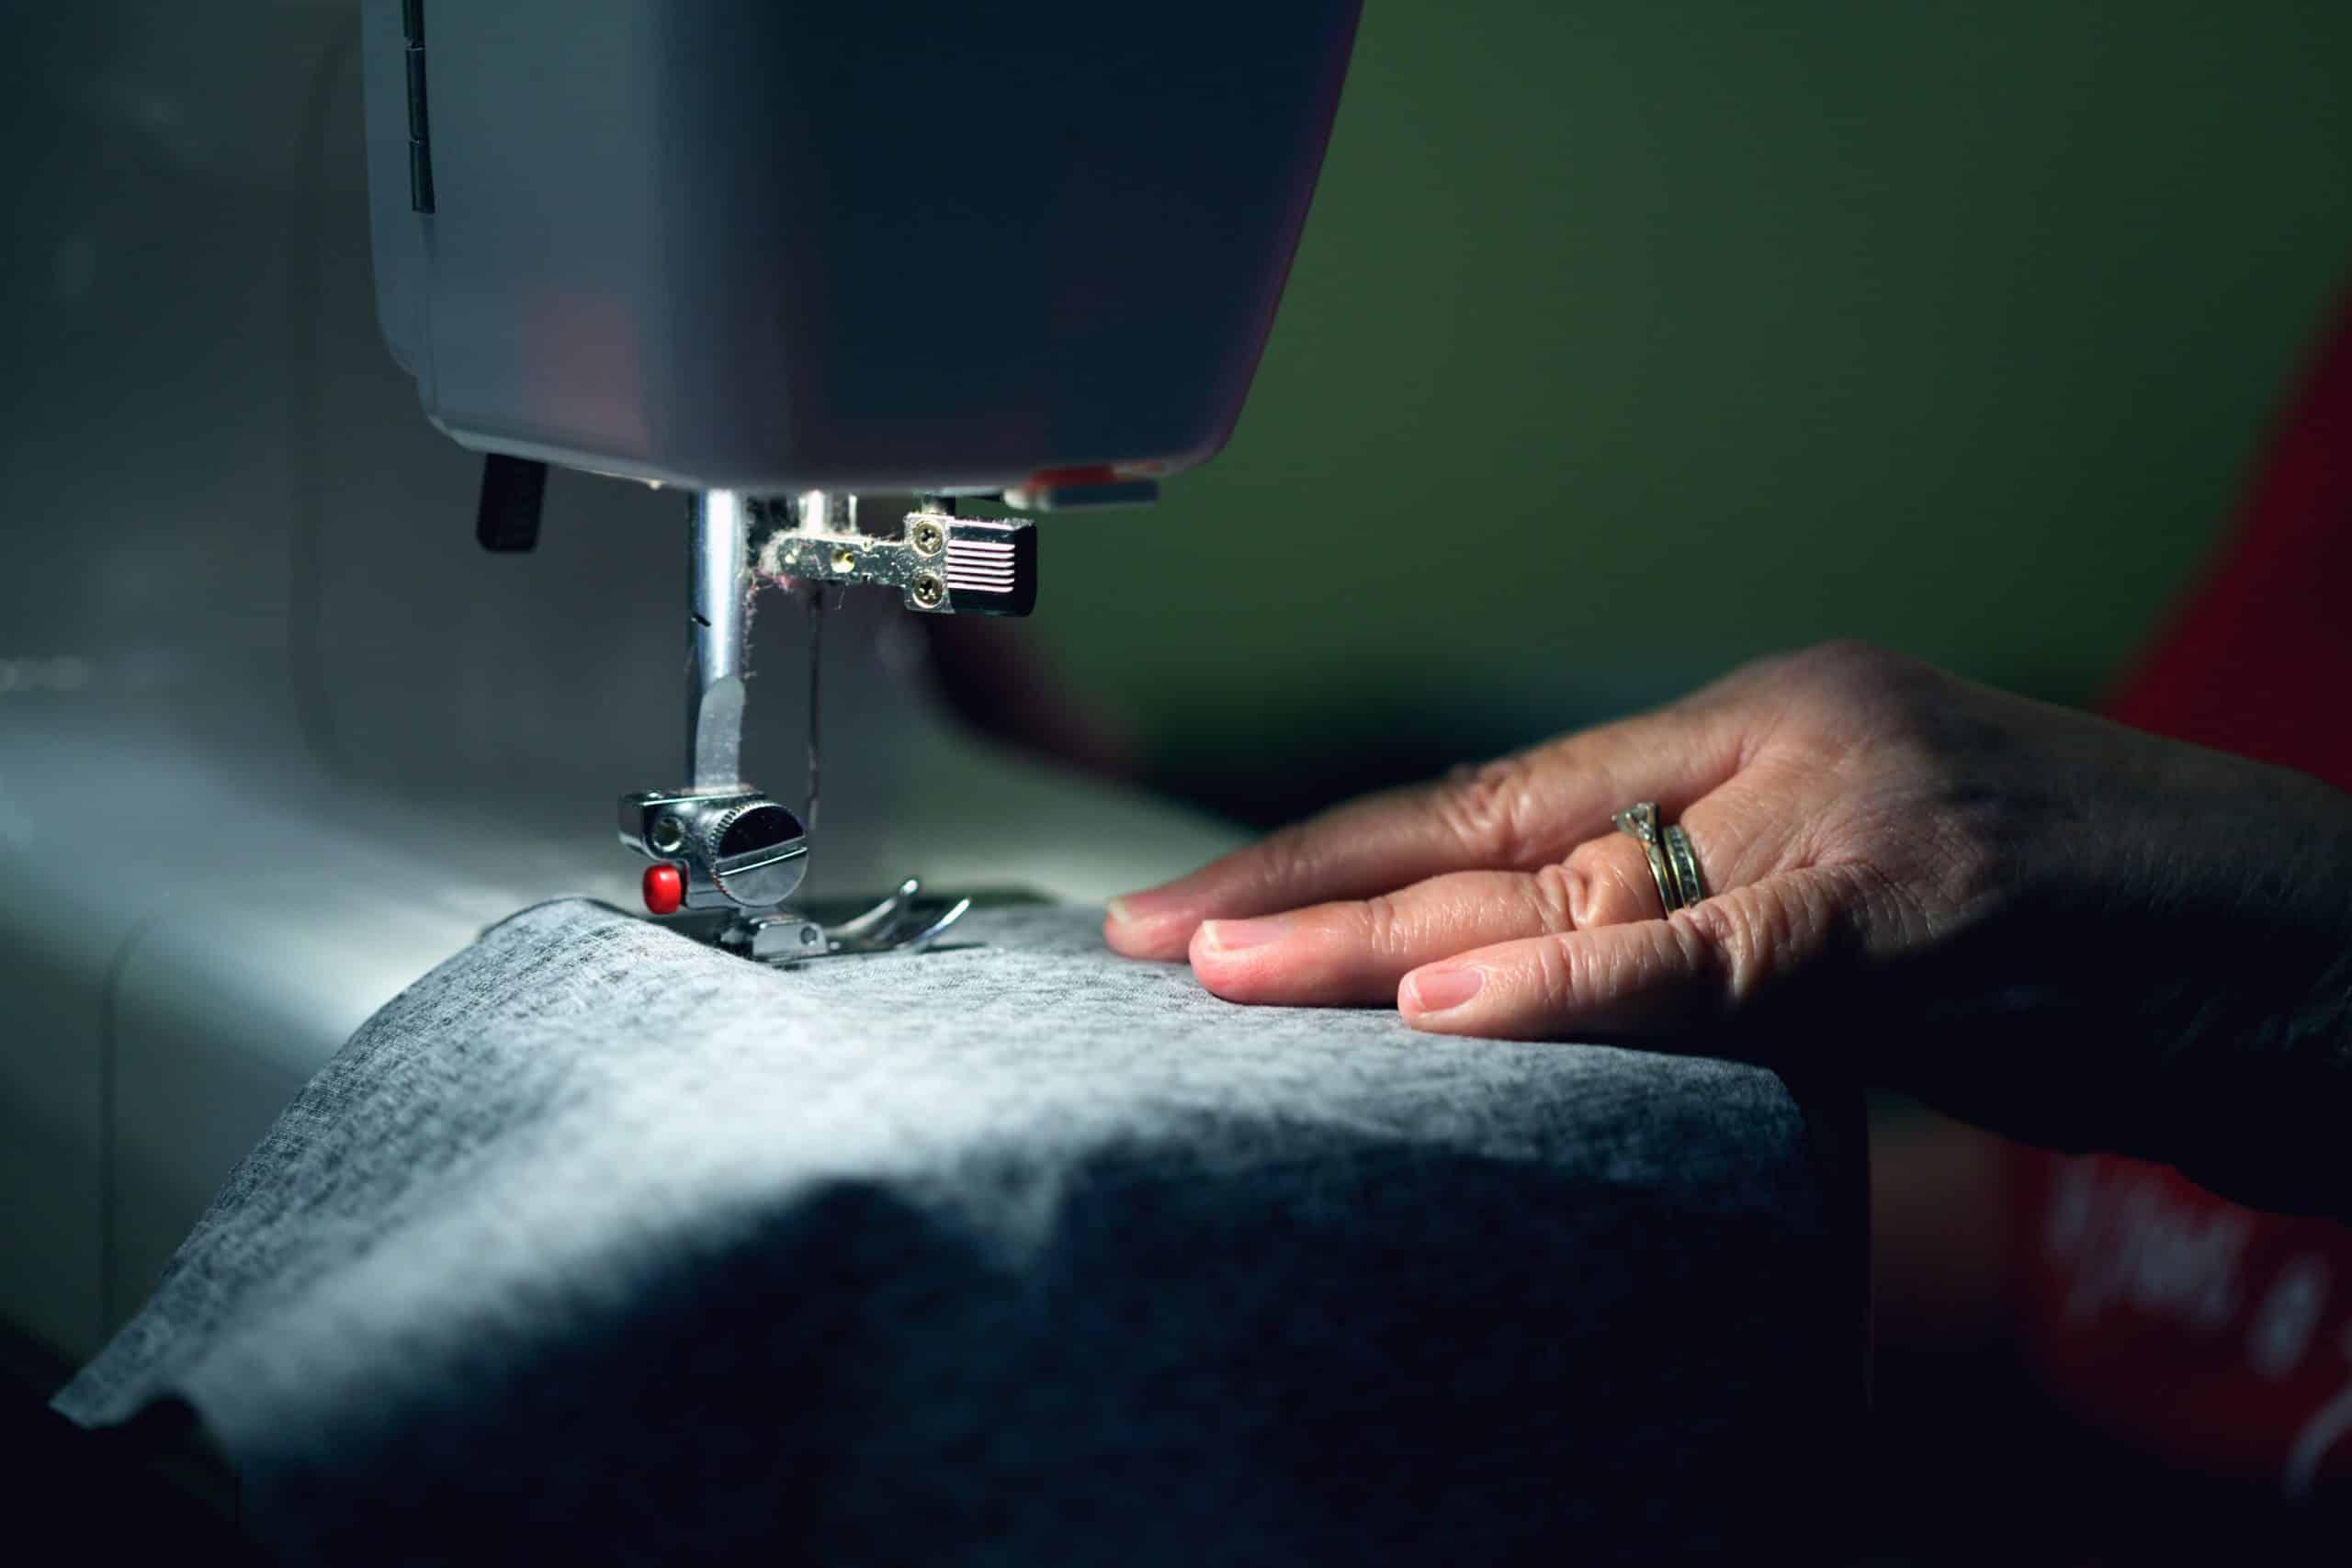 Spandex being sewed